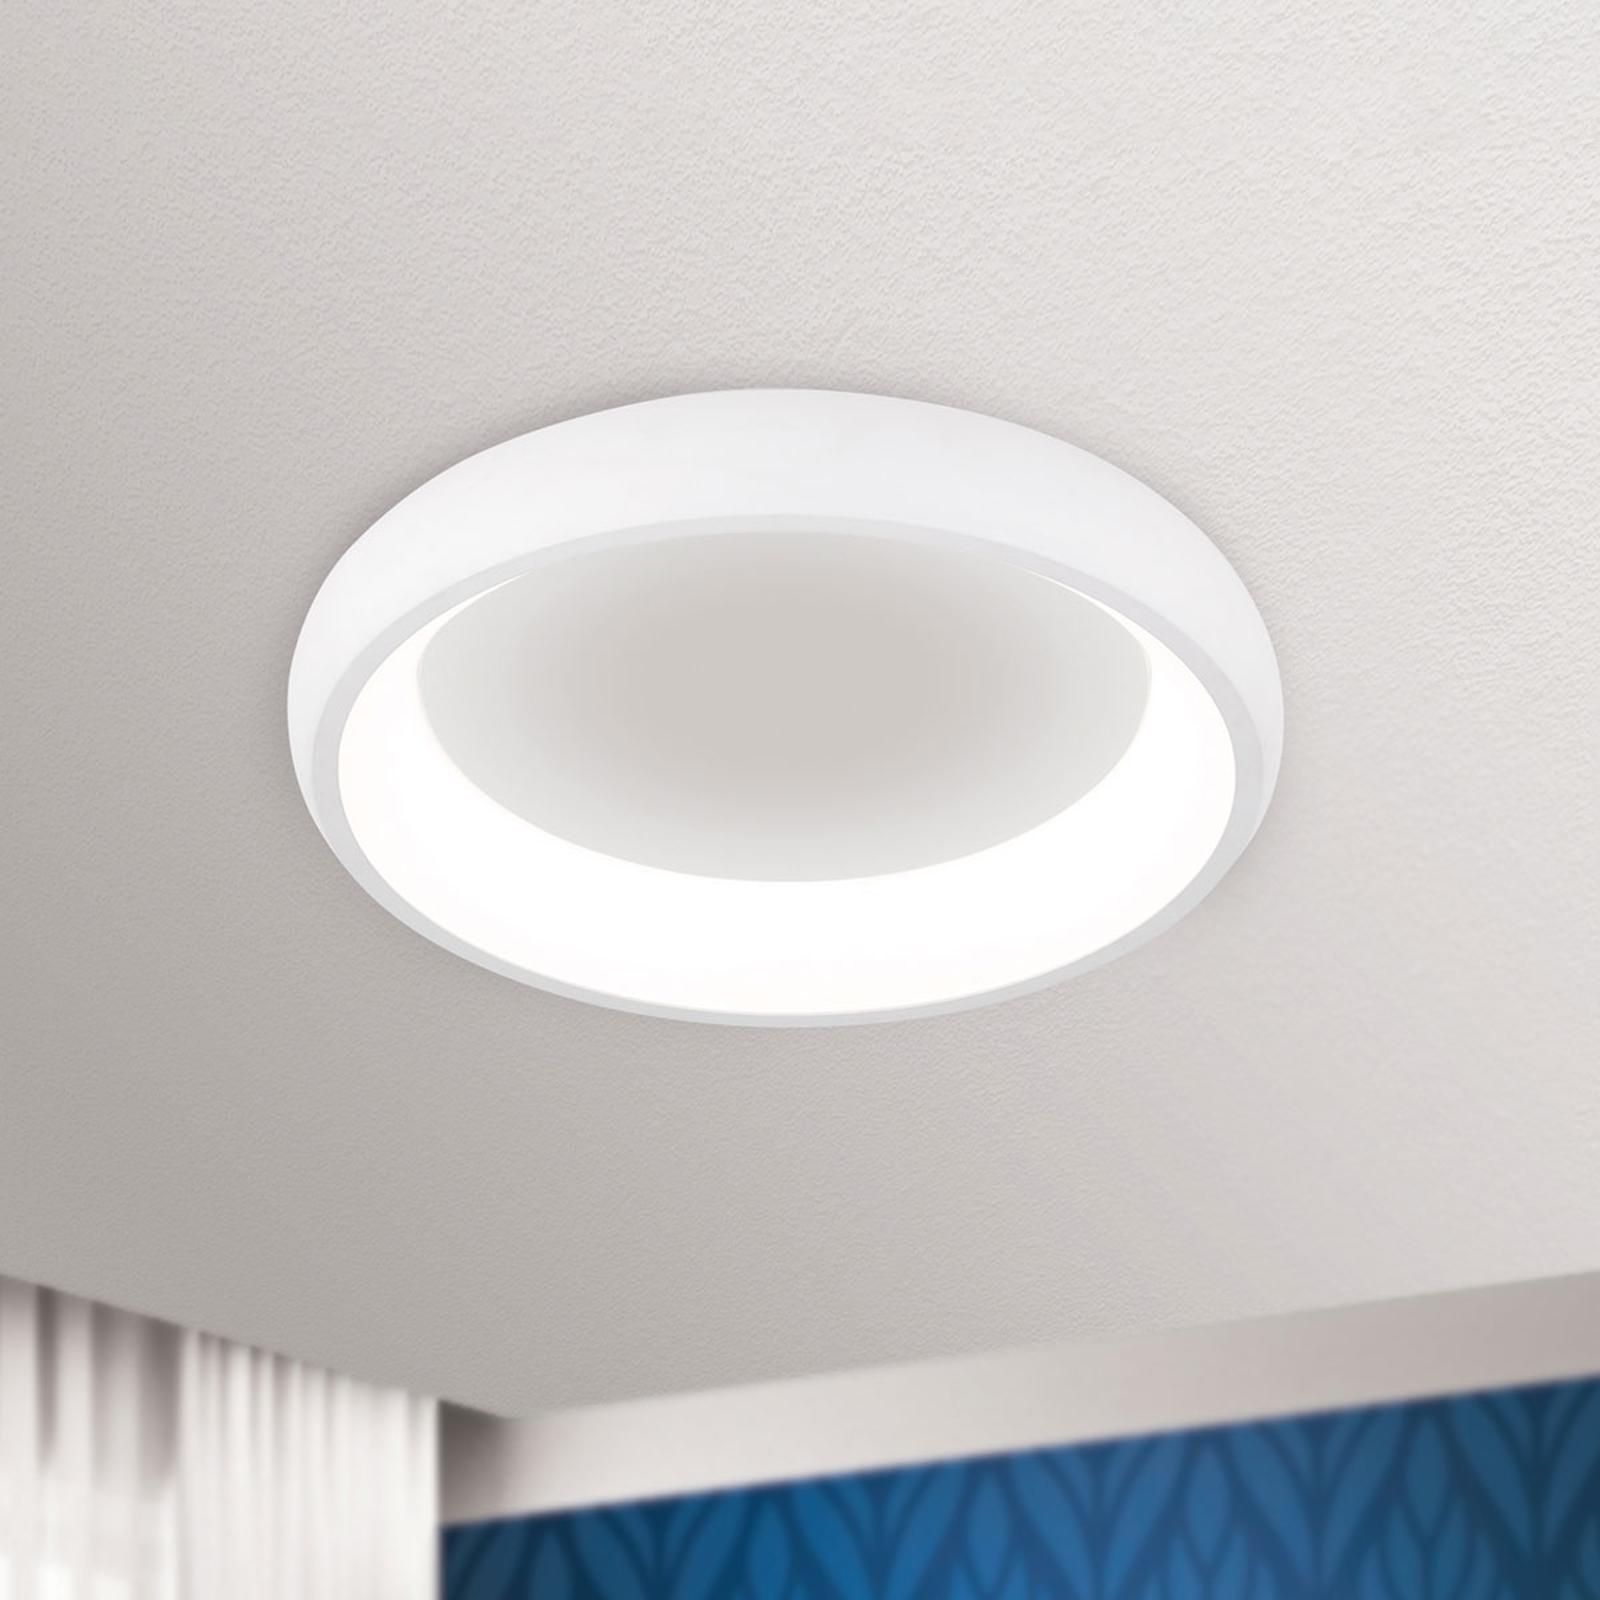 LED-taklampe Venur med lysstråling innenfor 41 cm